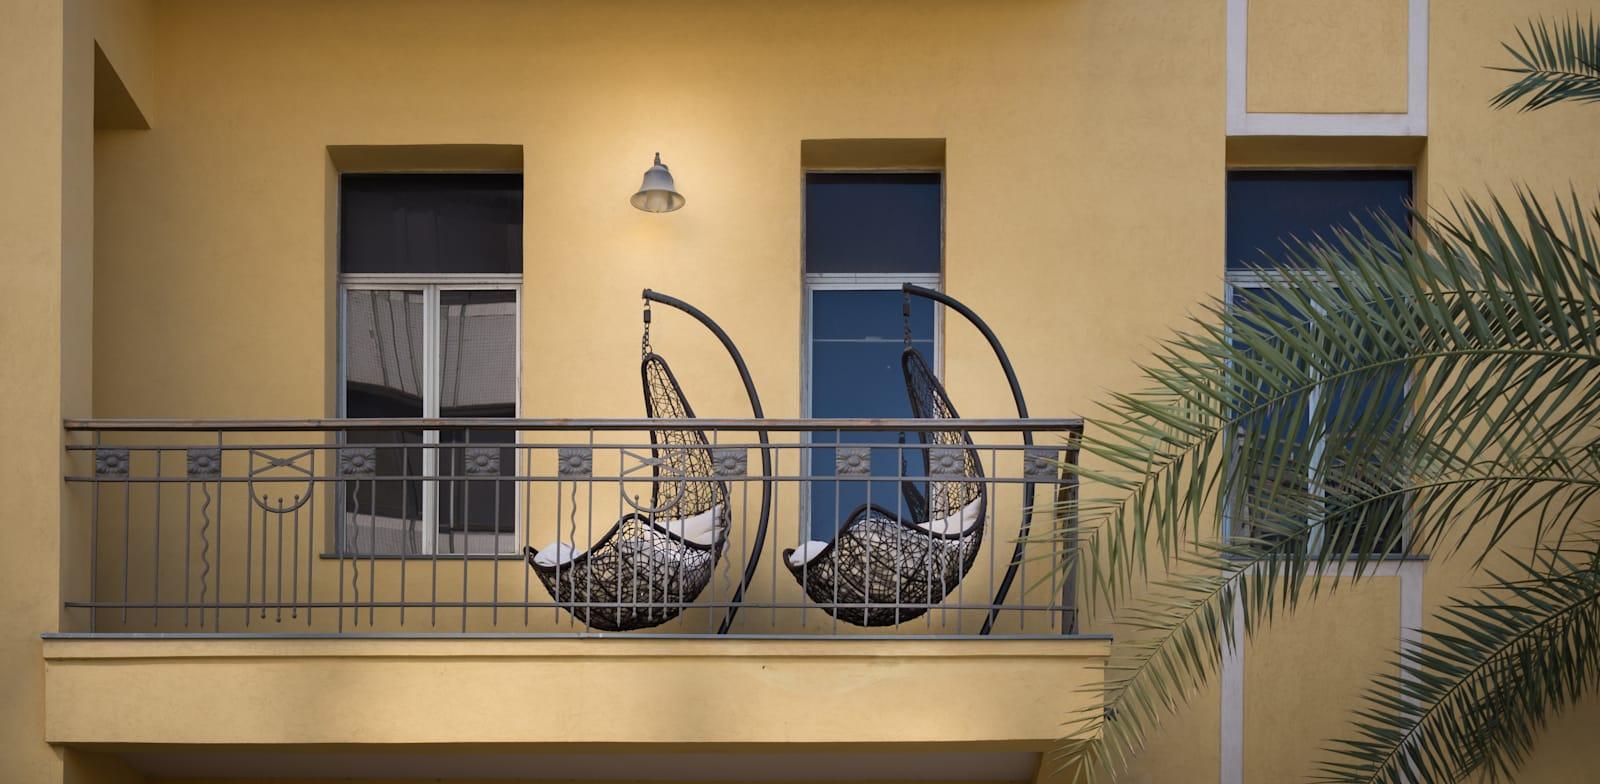 מרפסת בלב תל אביב. מרפסות נפתחו מחדש / צילום: Shutterstock